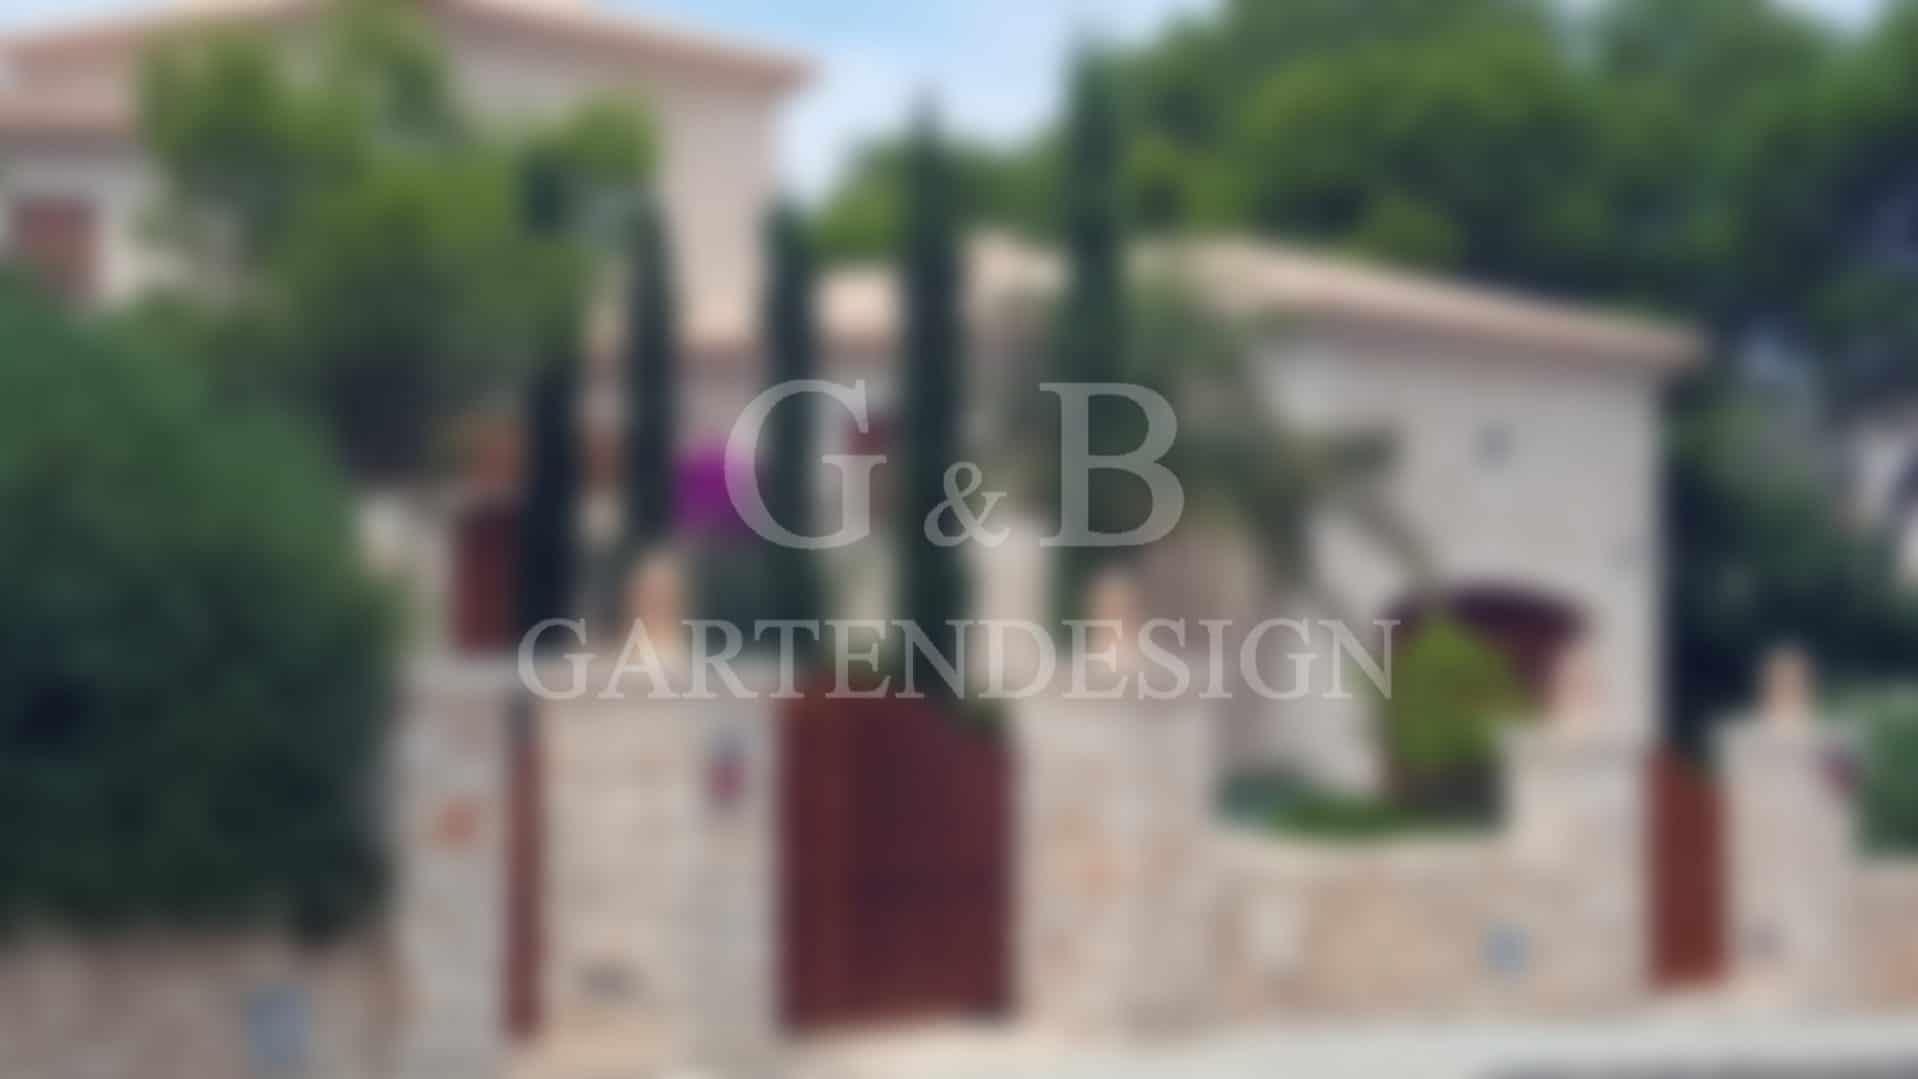 Villengarten Mallorca Ibiza Ballearen Gartengestaltung Gartenplanung